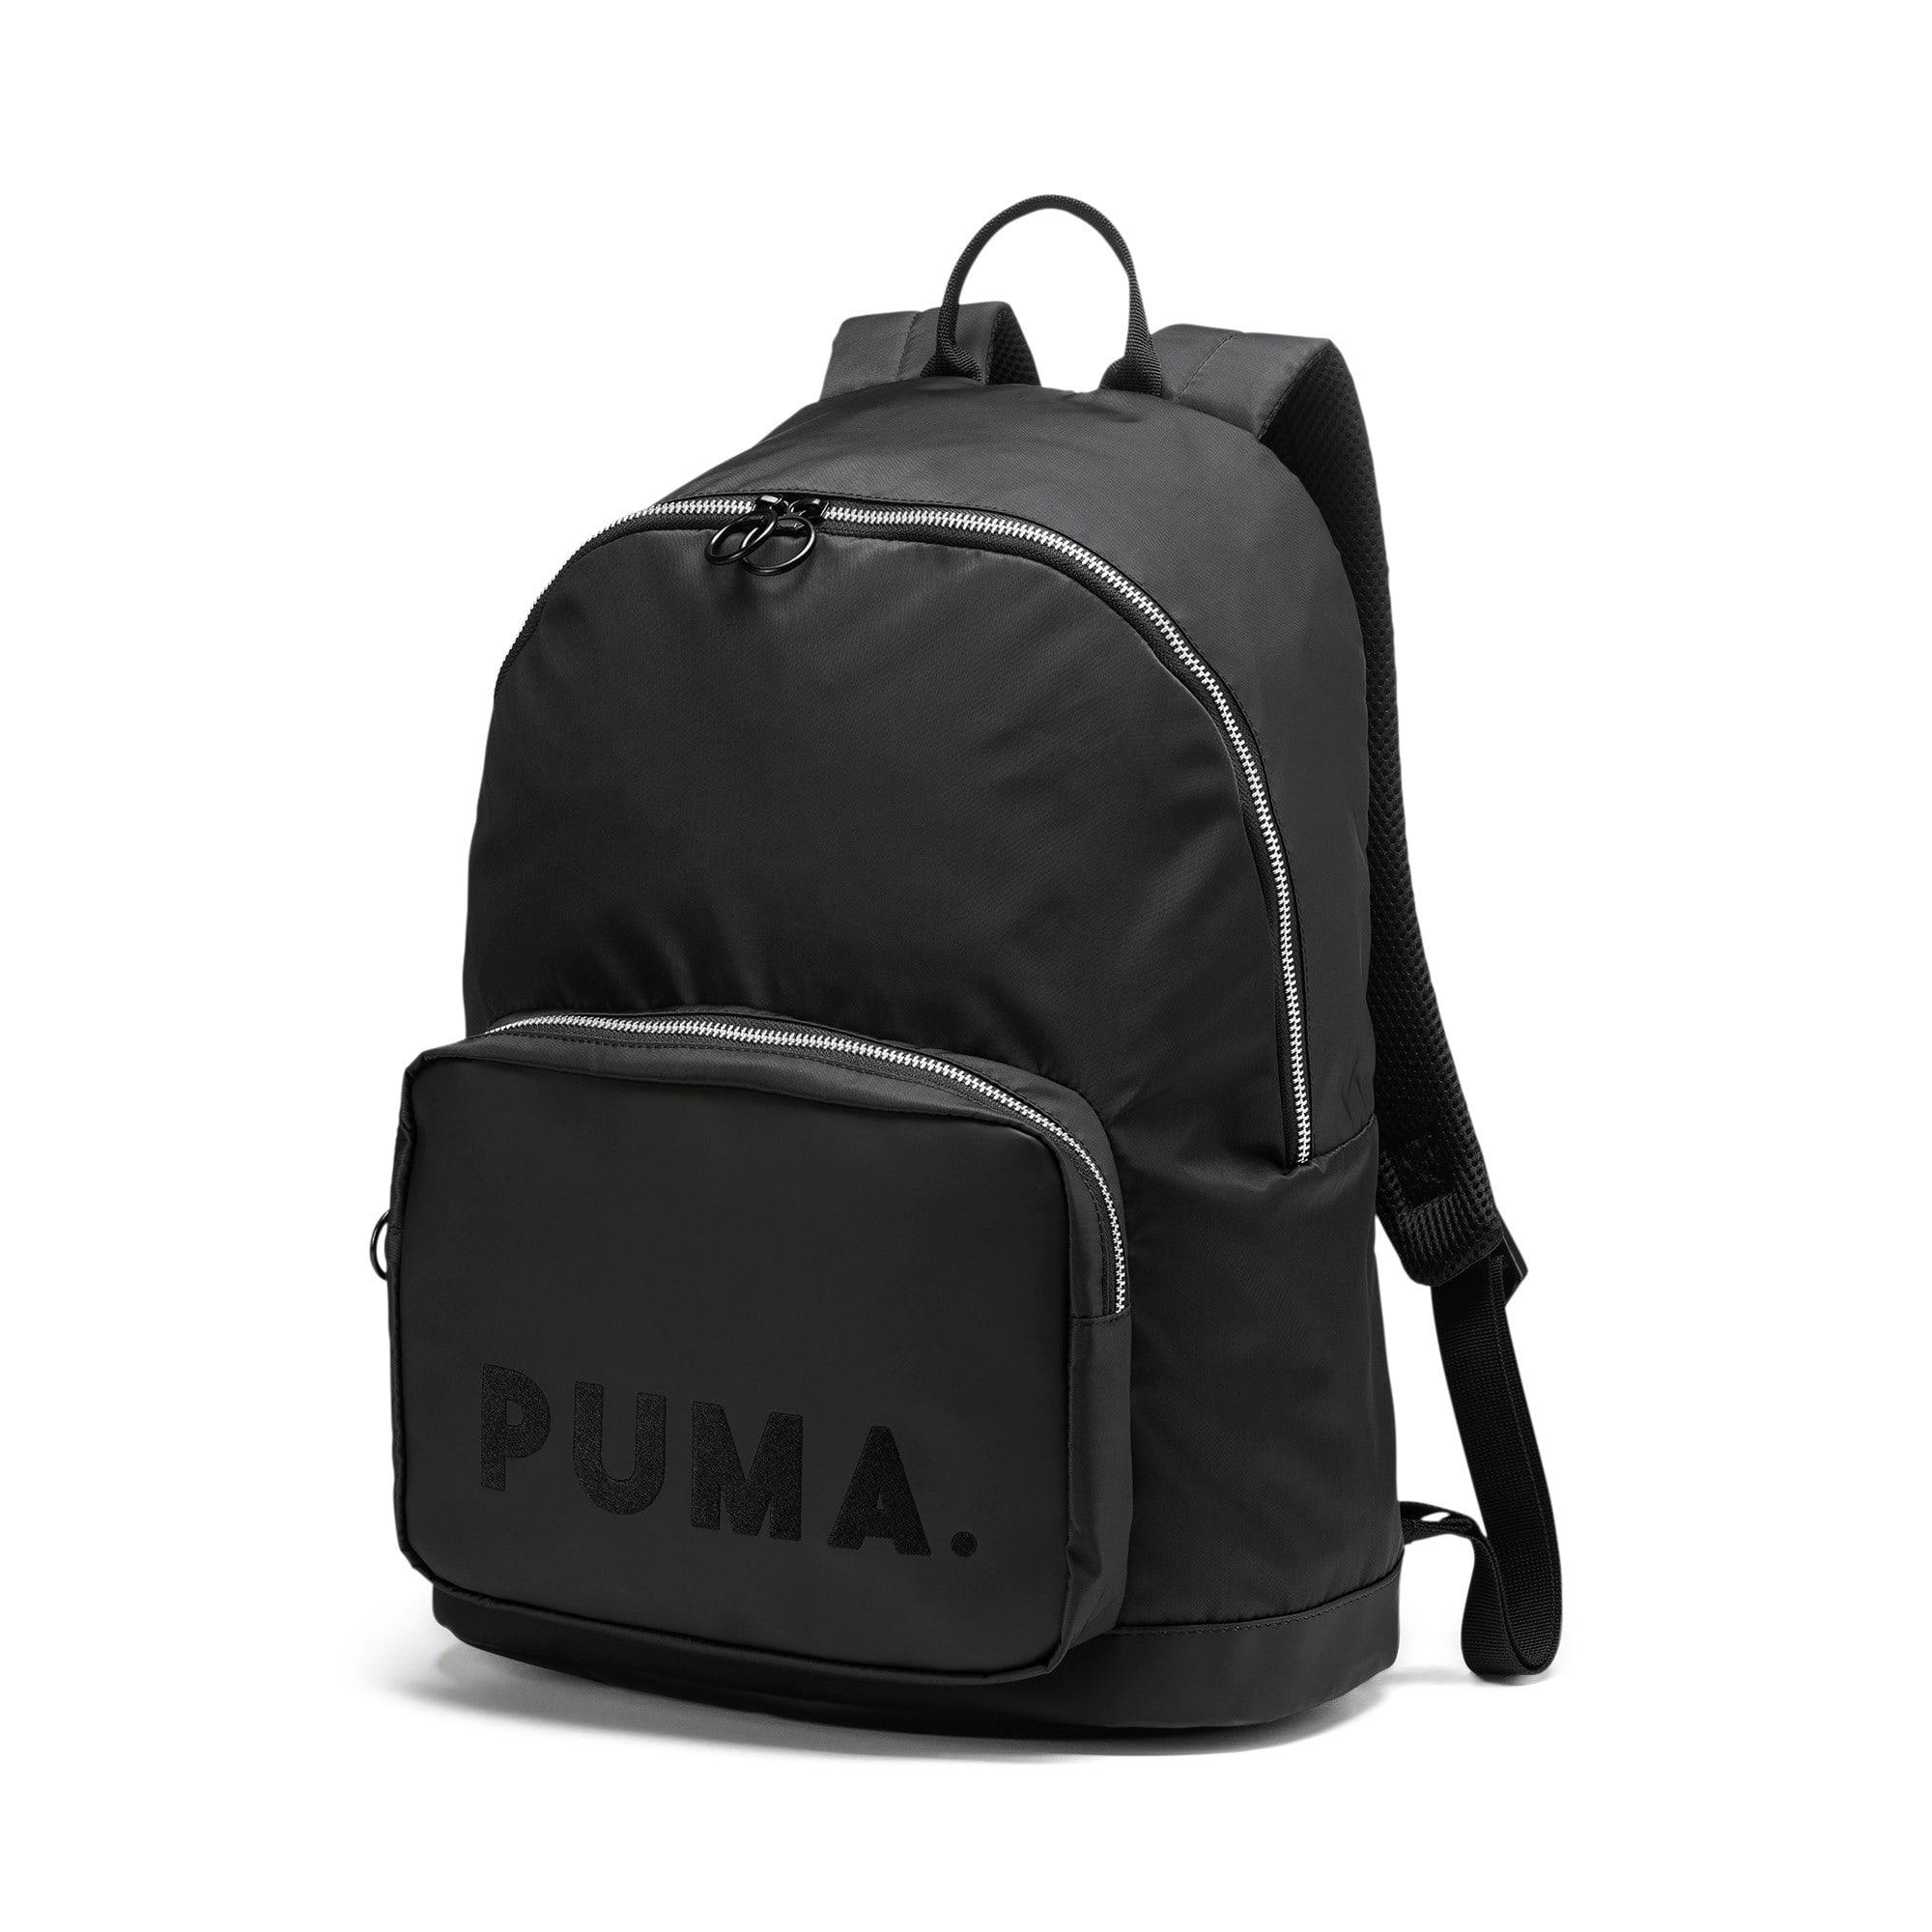 Thumbnail 1 of Originals Trend Backpack, Puma Black, medium